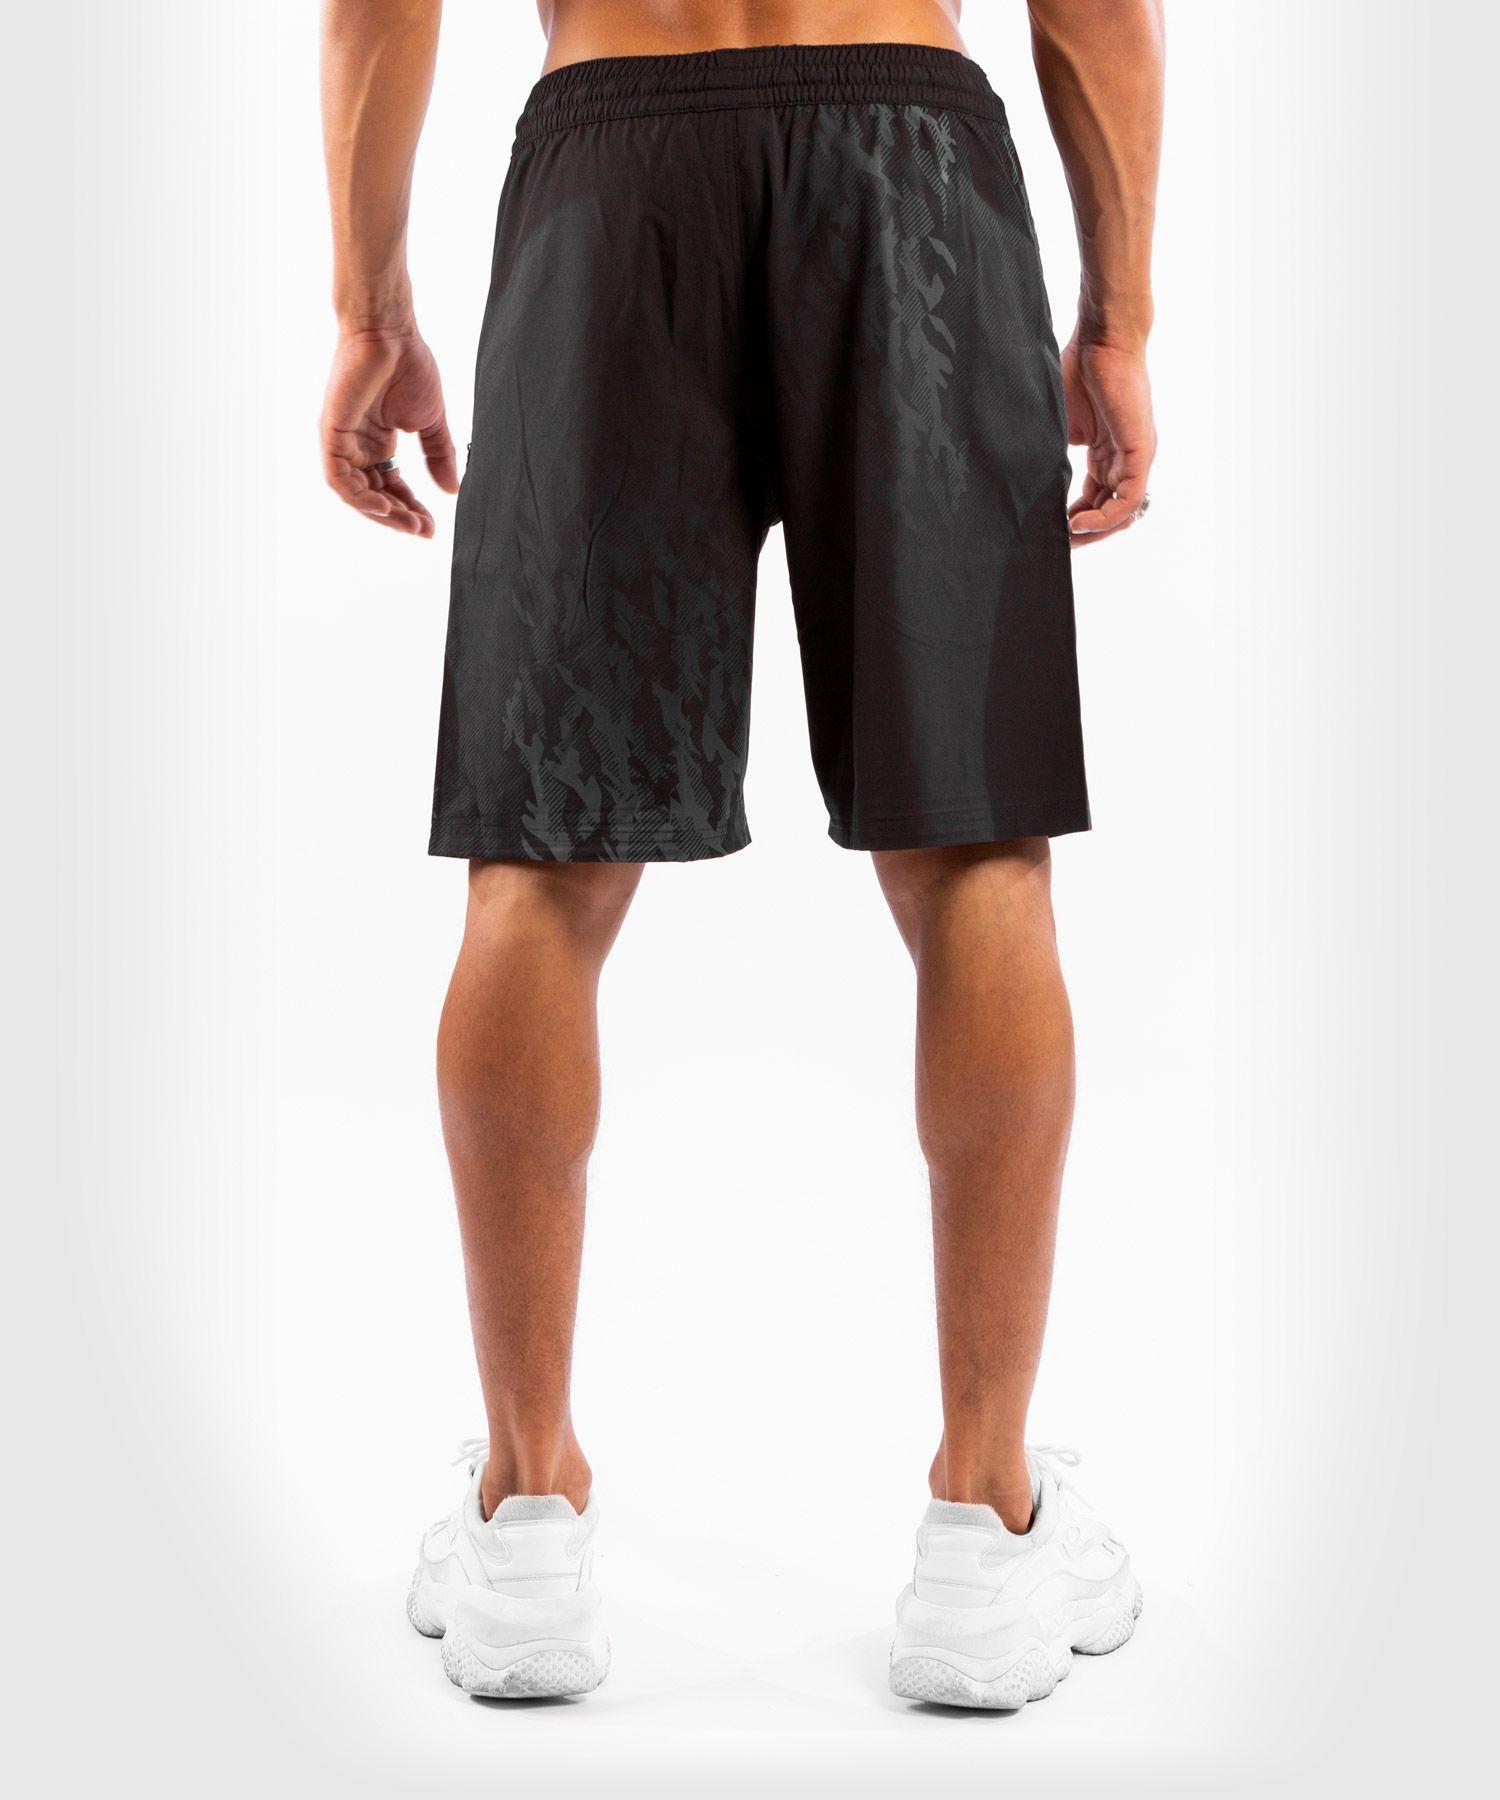 Мужские тренировочные шорты Venum FIGHT WEEK PERFORMANCE - Black XS